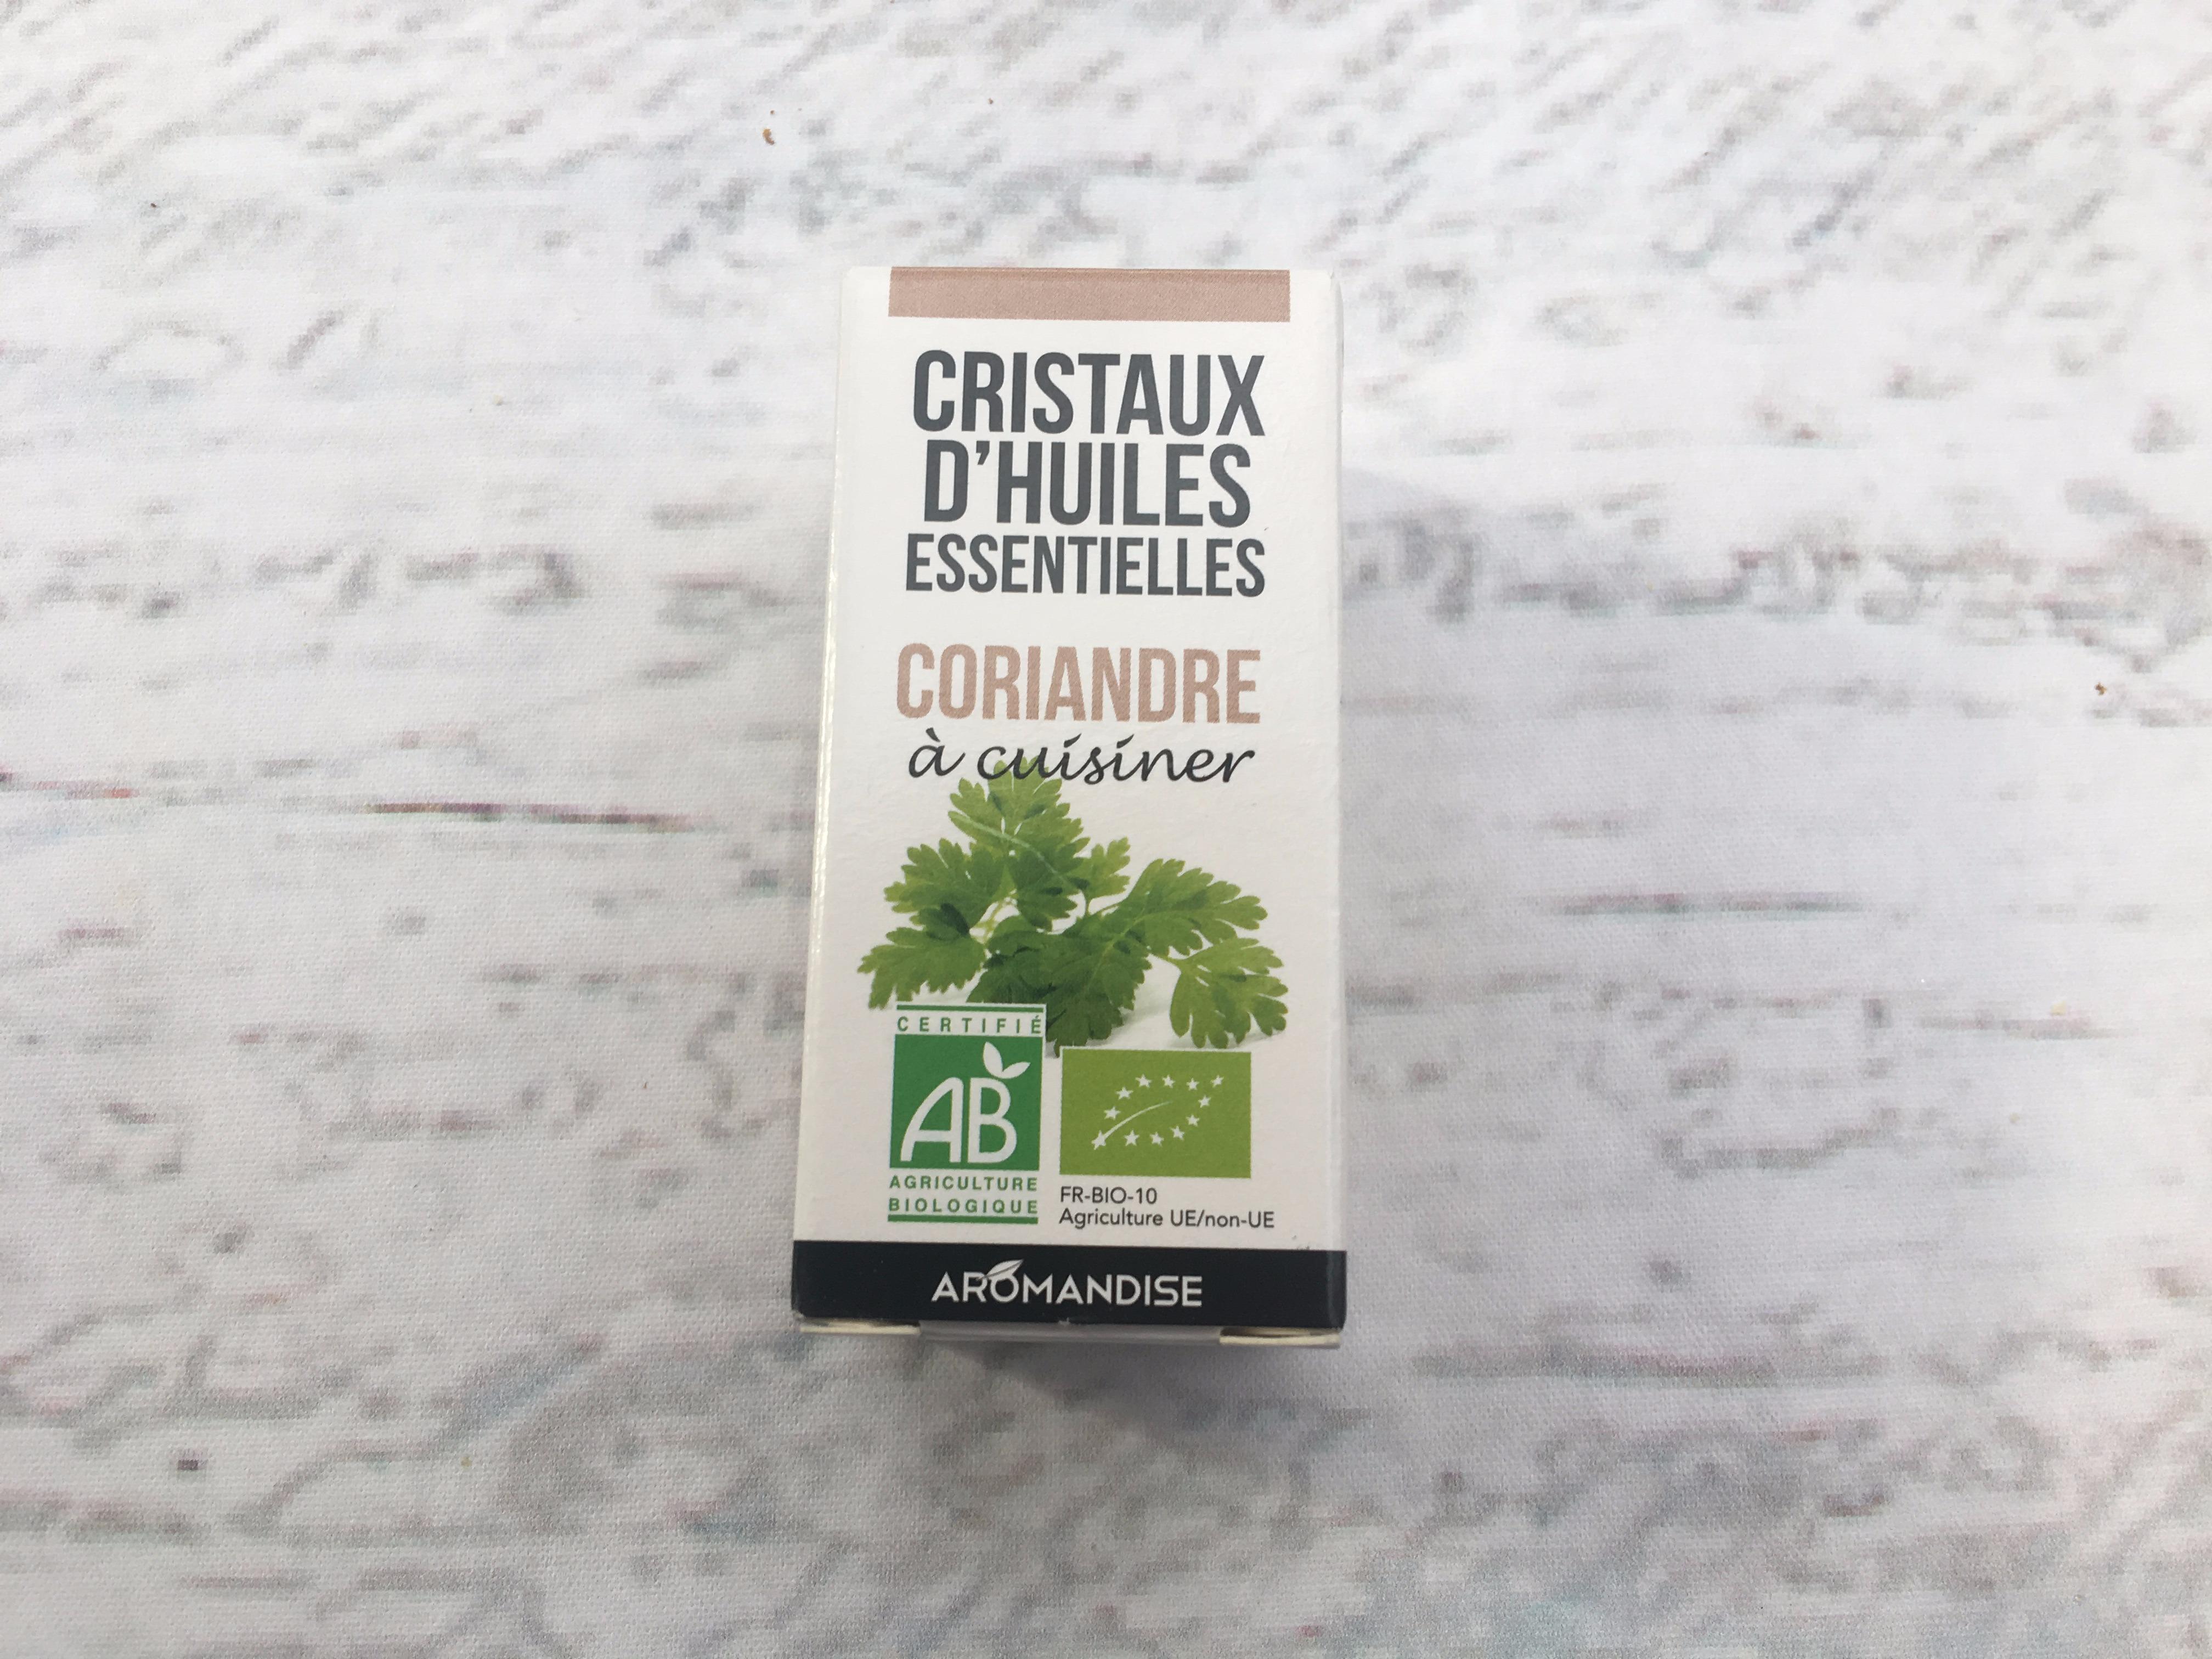 J'ai testé pour vous les cristaux d'huile essentielle – Coriandre